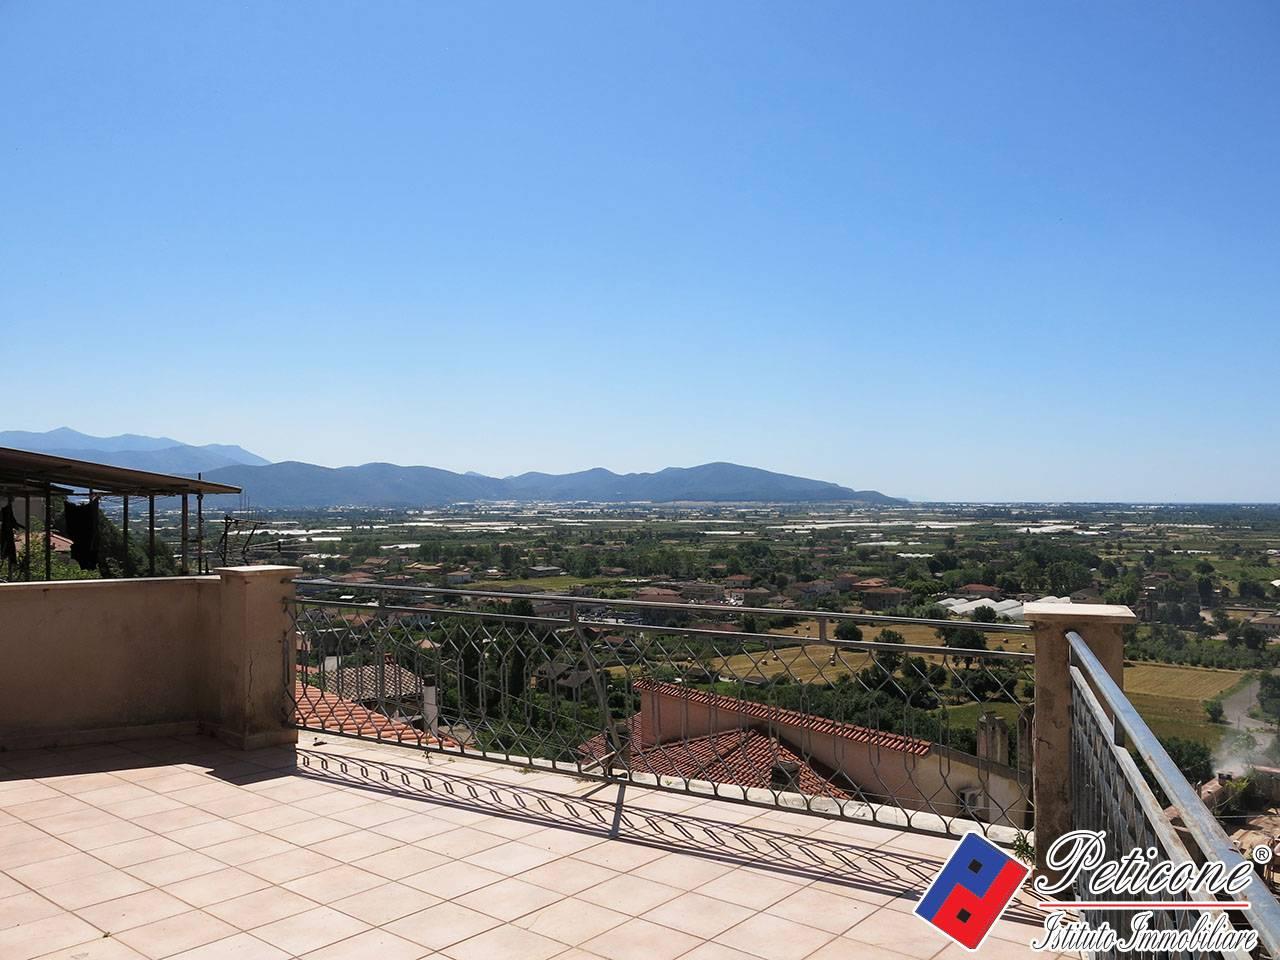 Appartamento in vendita a Monte San Biagio, 6 locali, zona Località: Centro, prezzo € 120.000   PortaleAgenzieImmobiliari.it